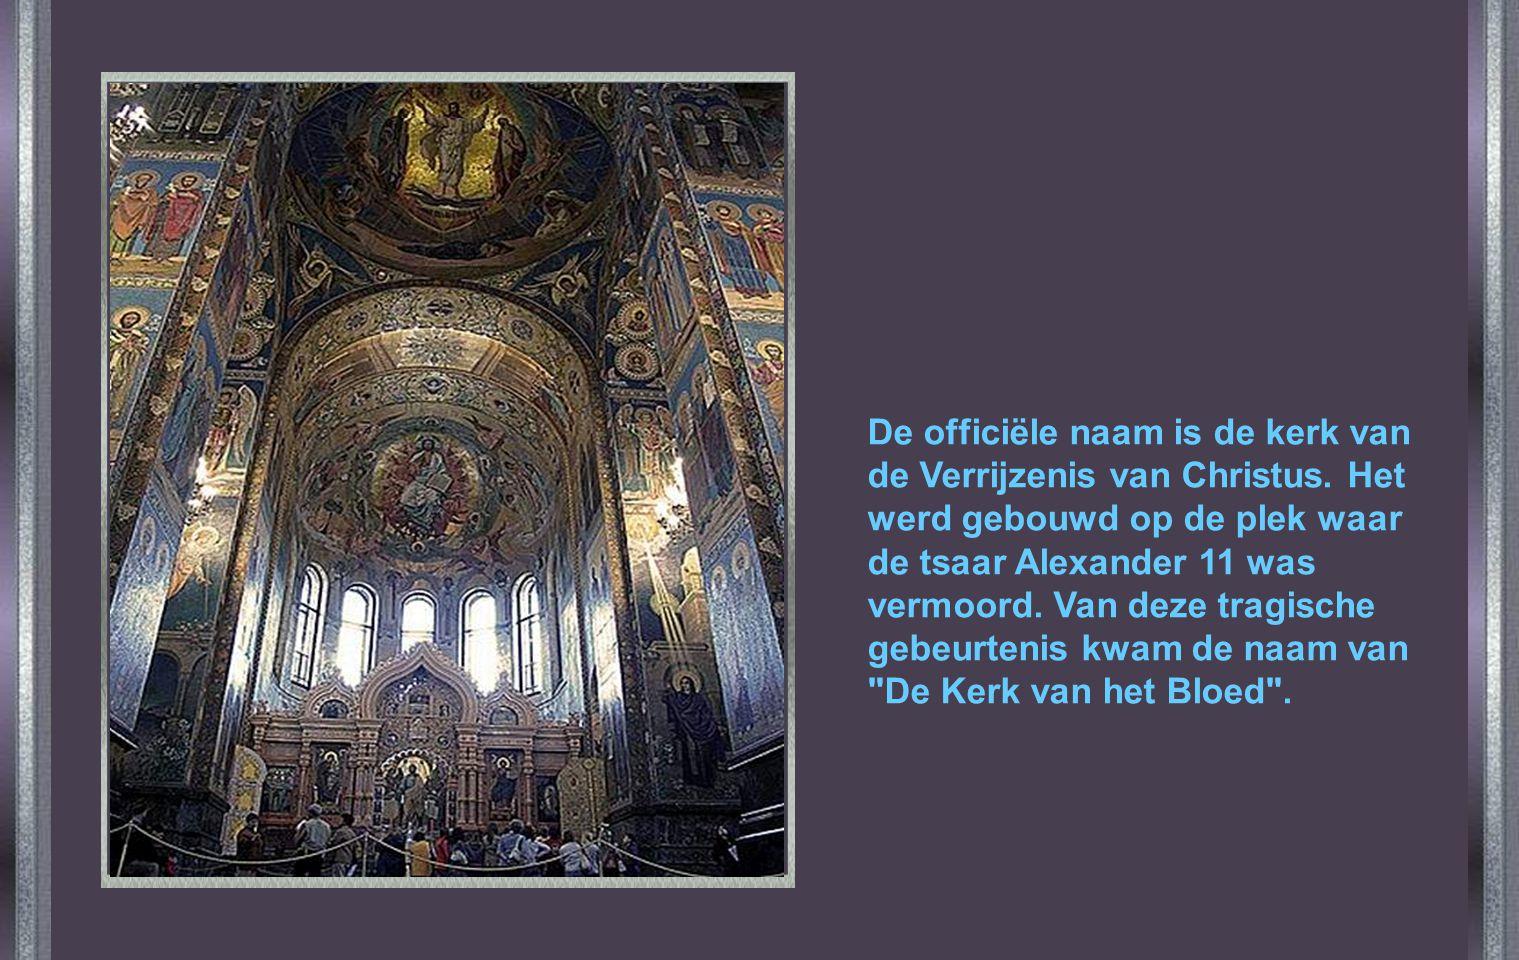 De officiële naam is de kerk van de Verrijzenis van Christus.